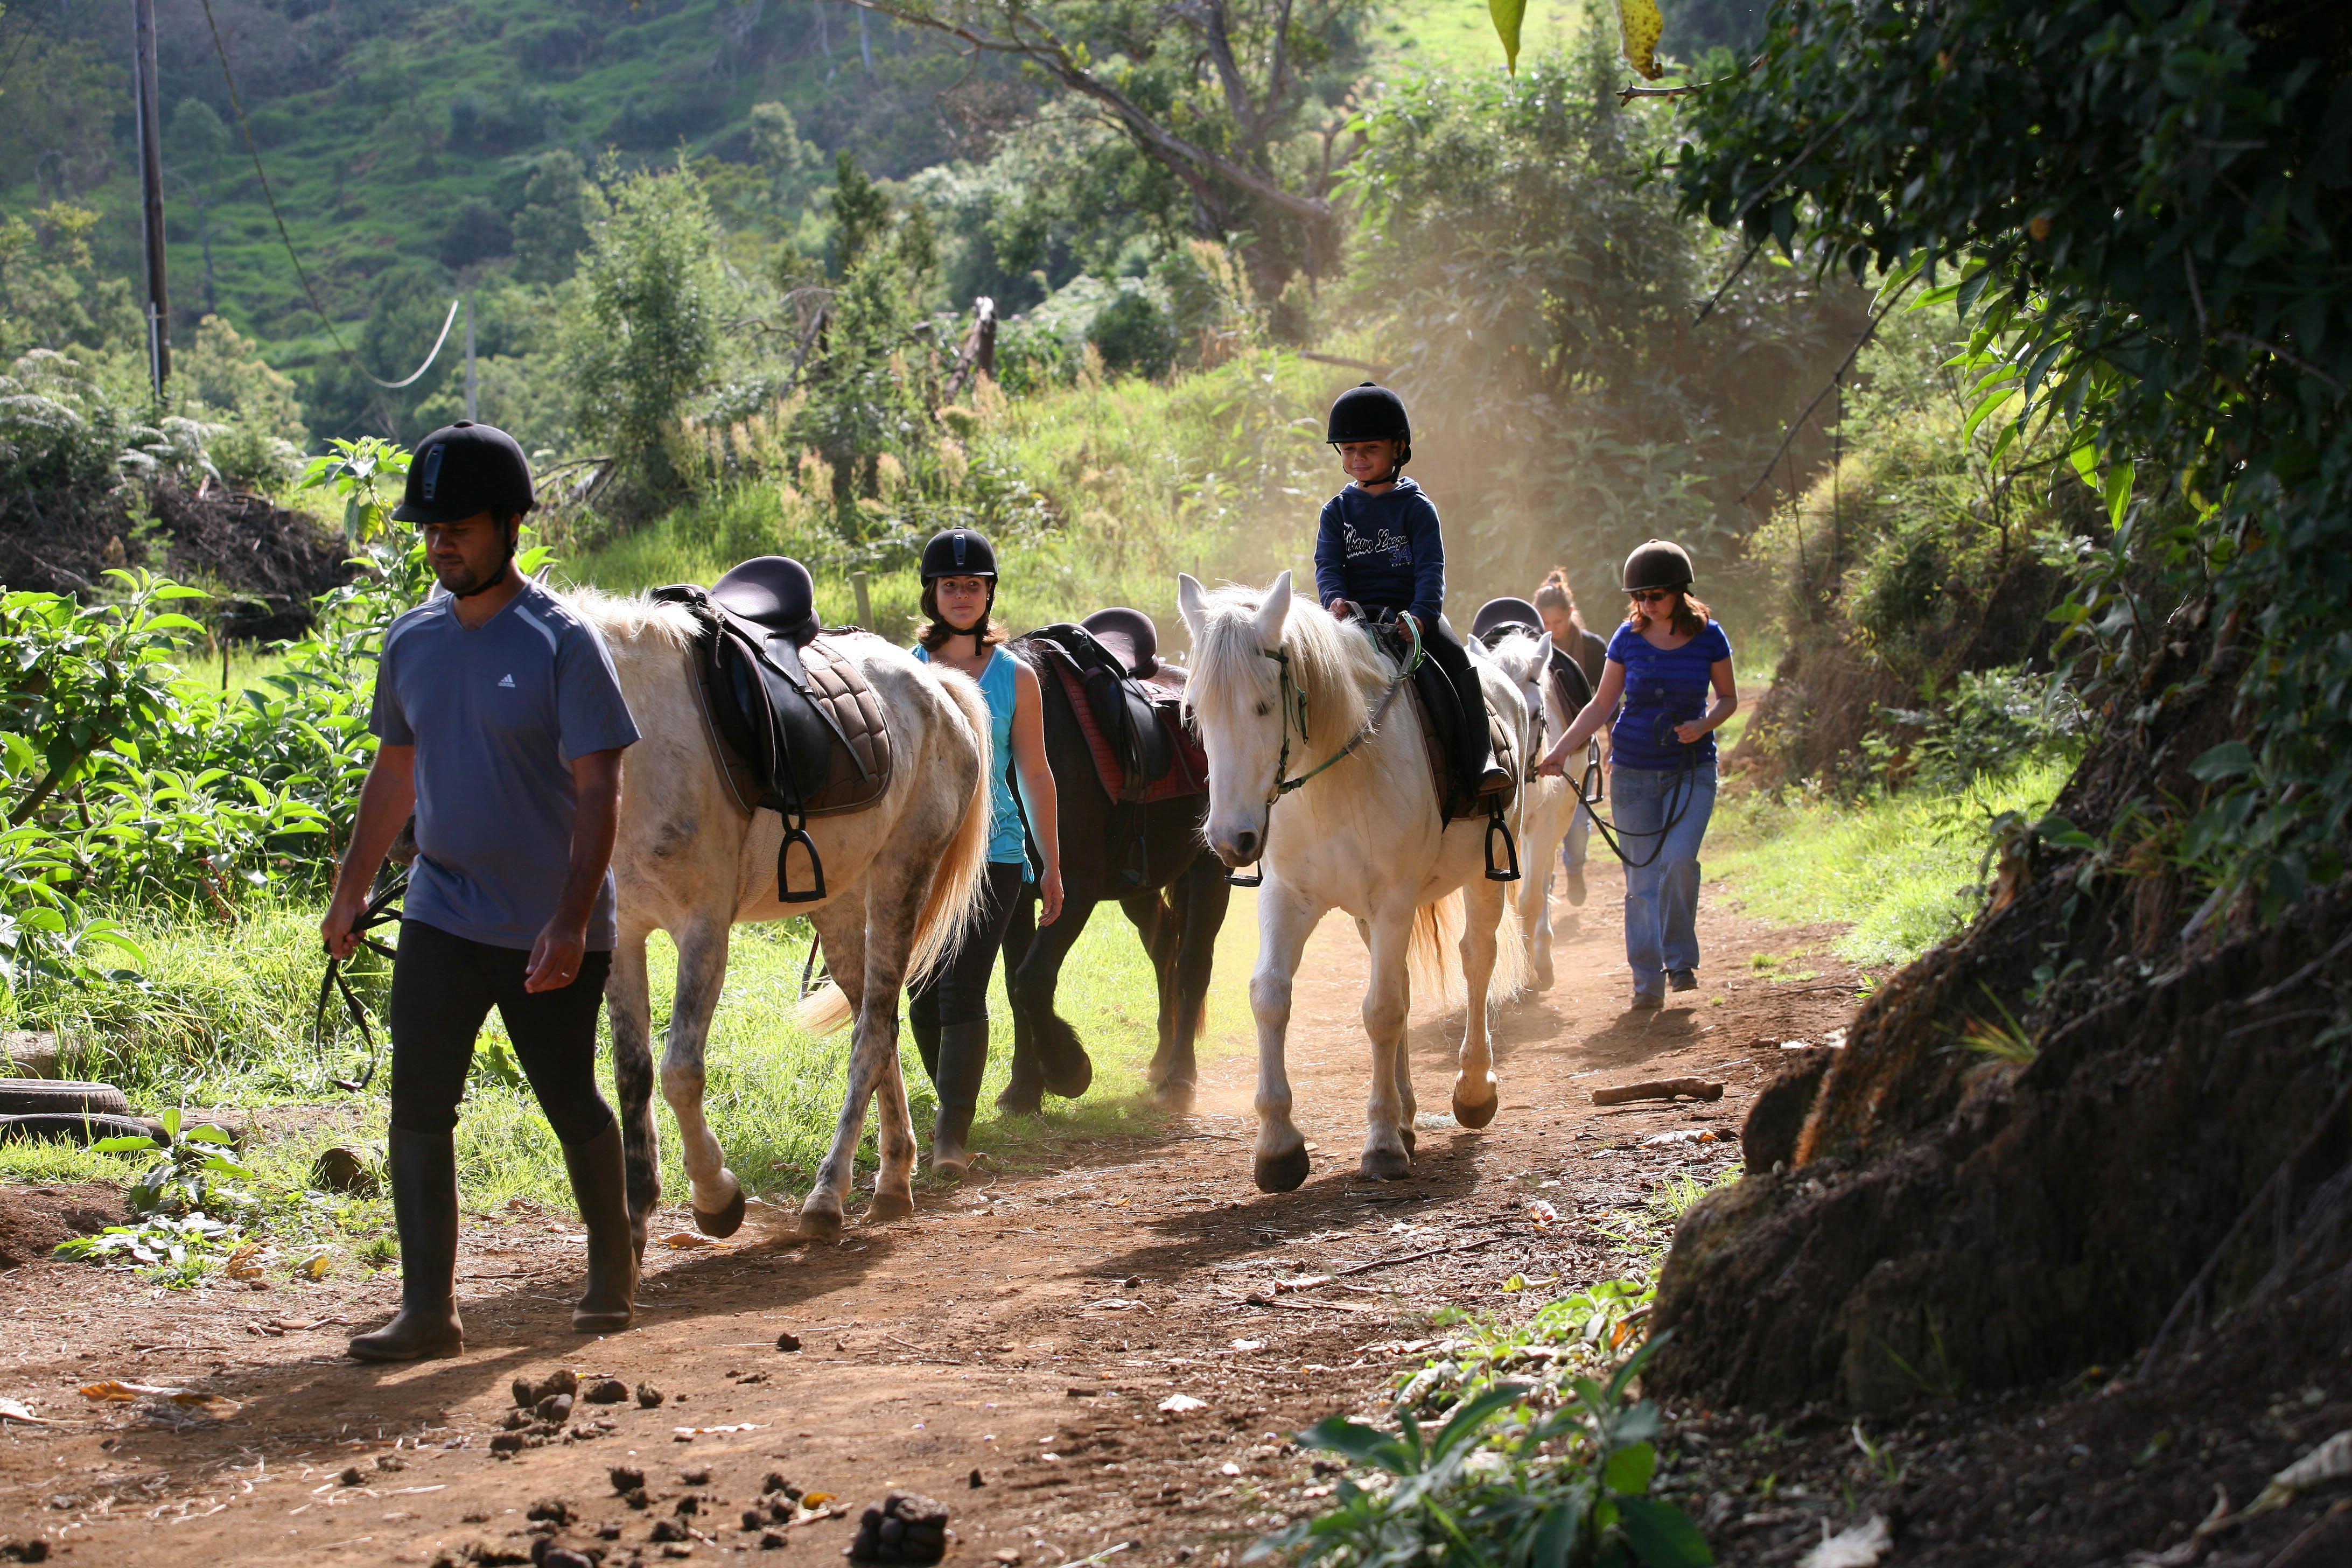 balade a cheval en famille a l'ile de La Reunion 974